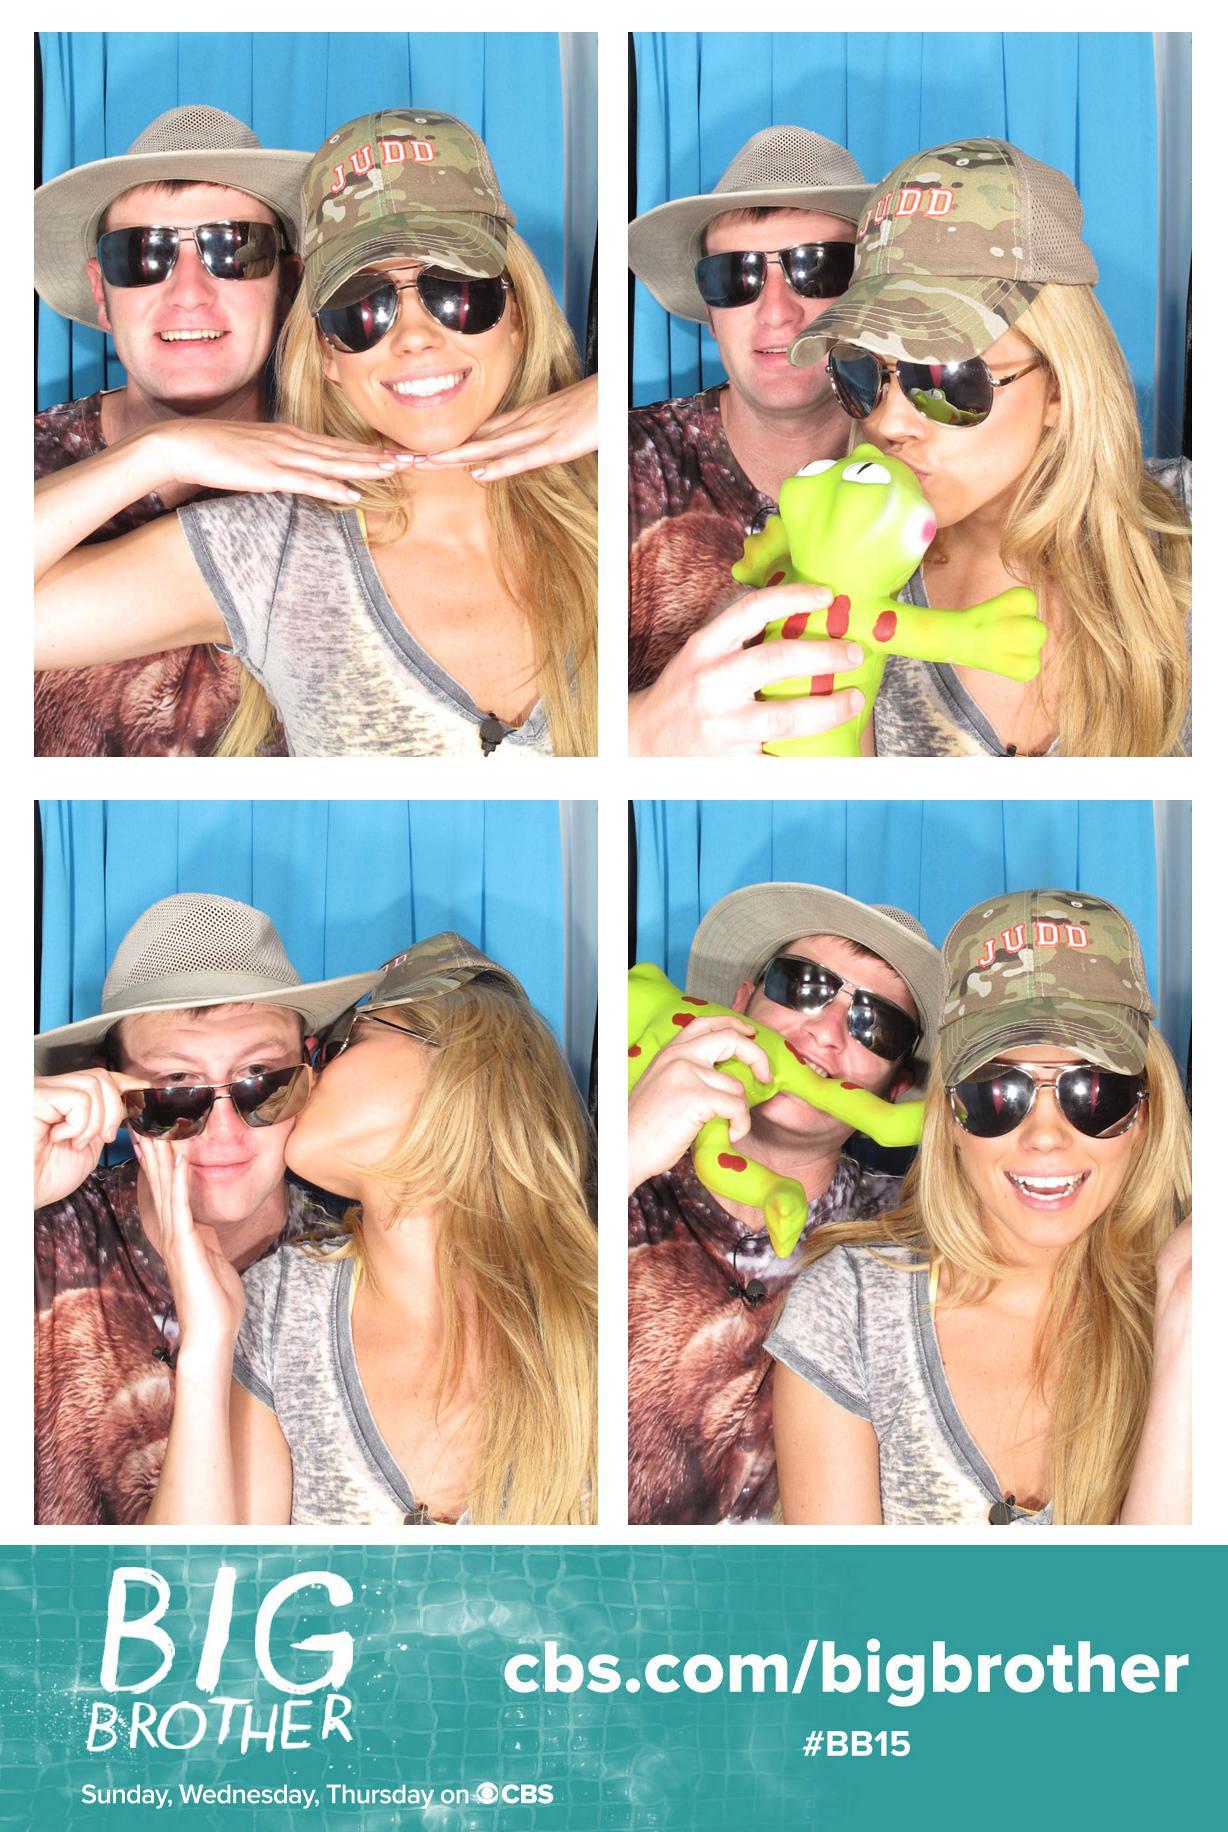 Judd and Aaryn